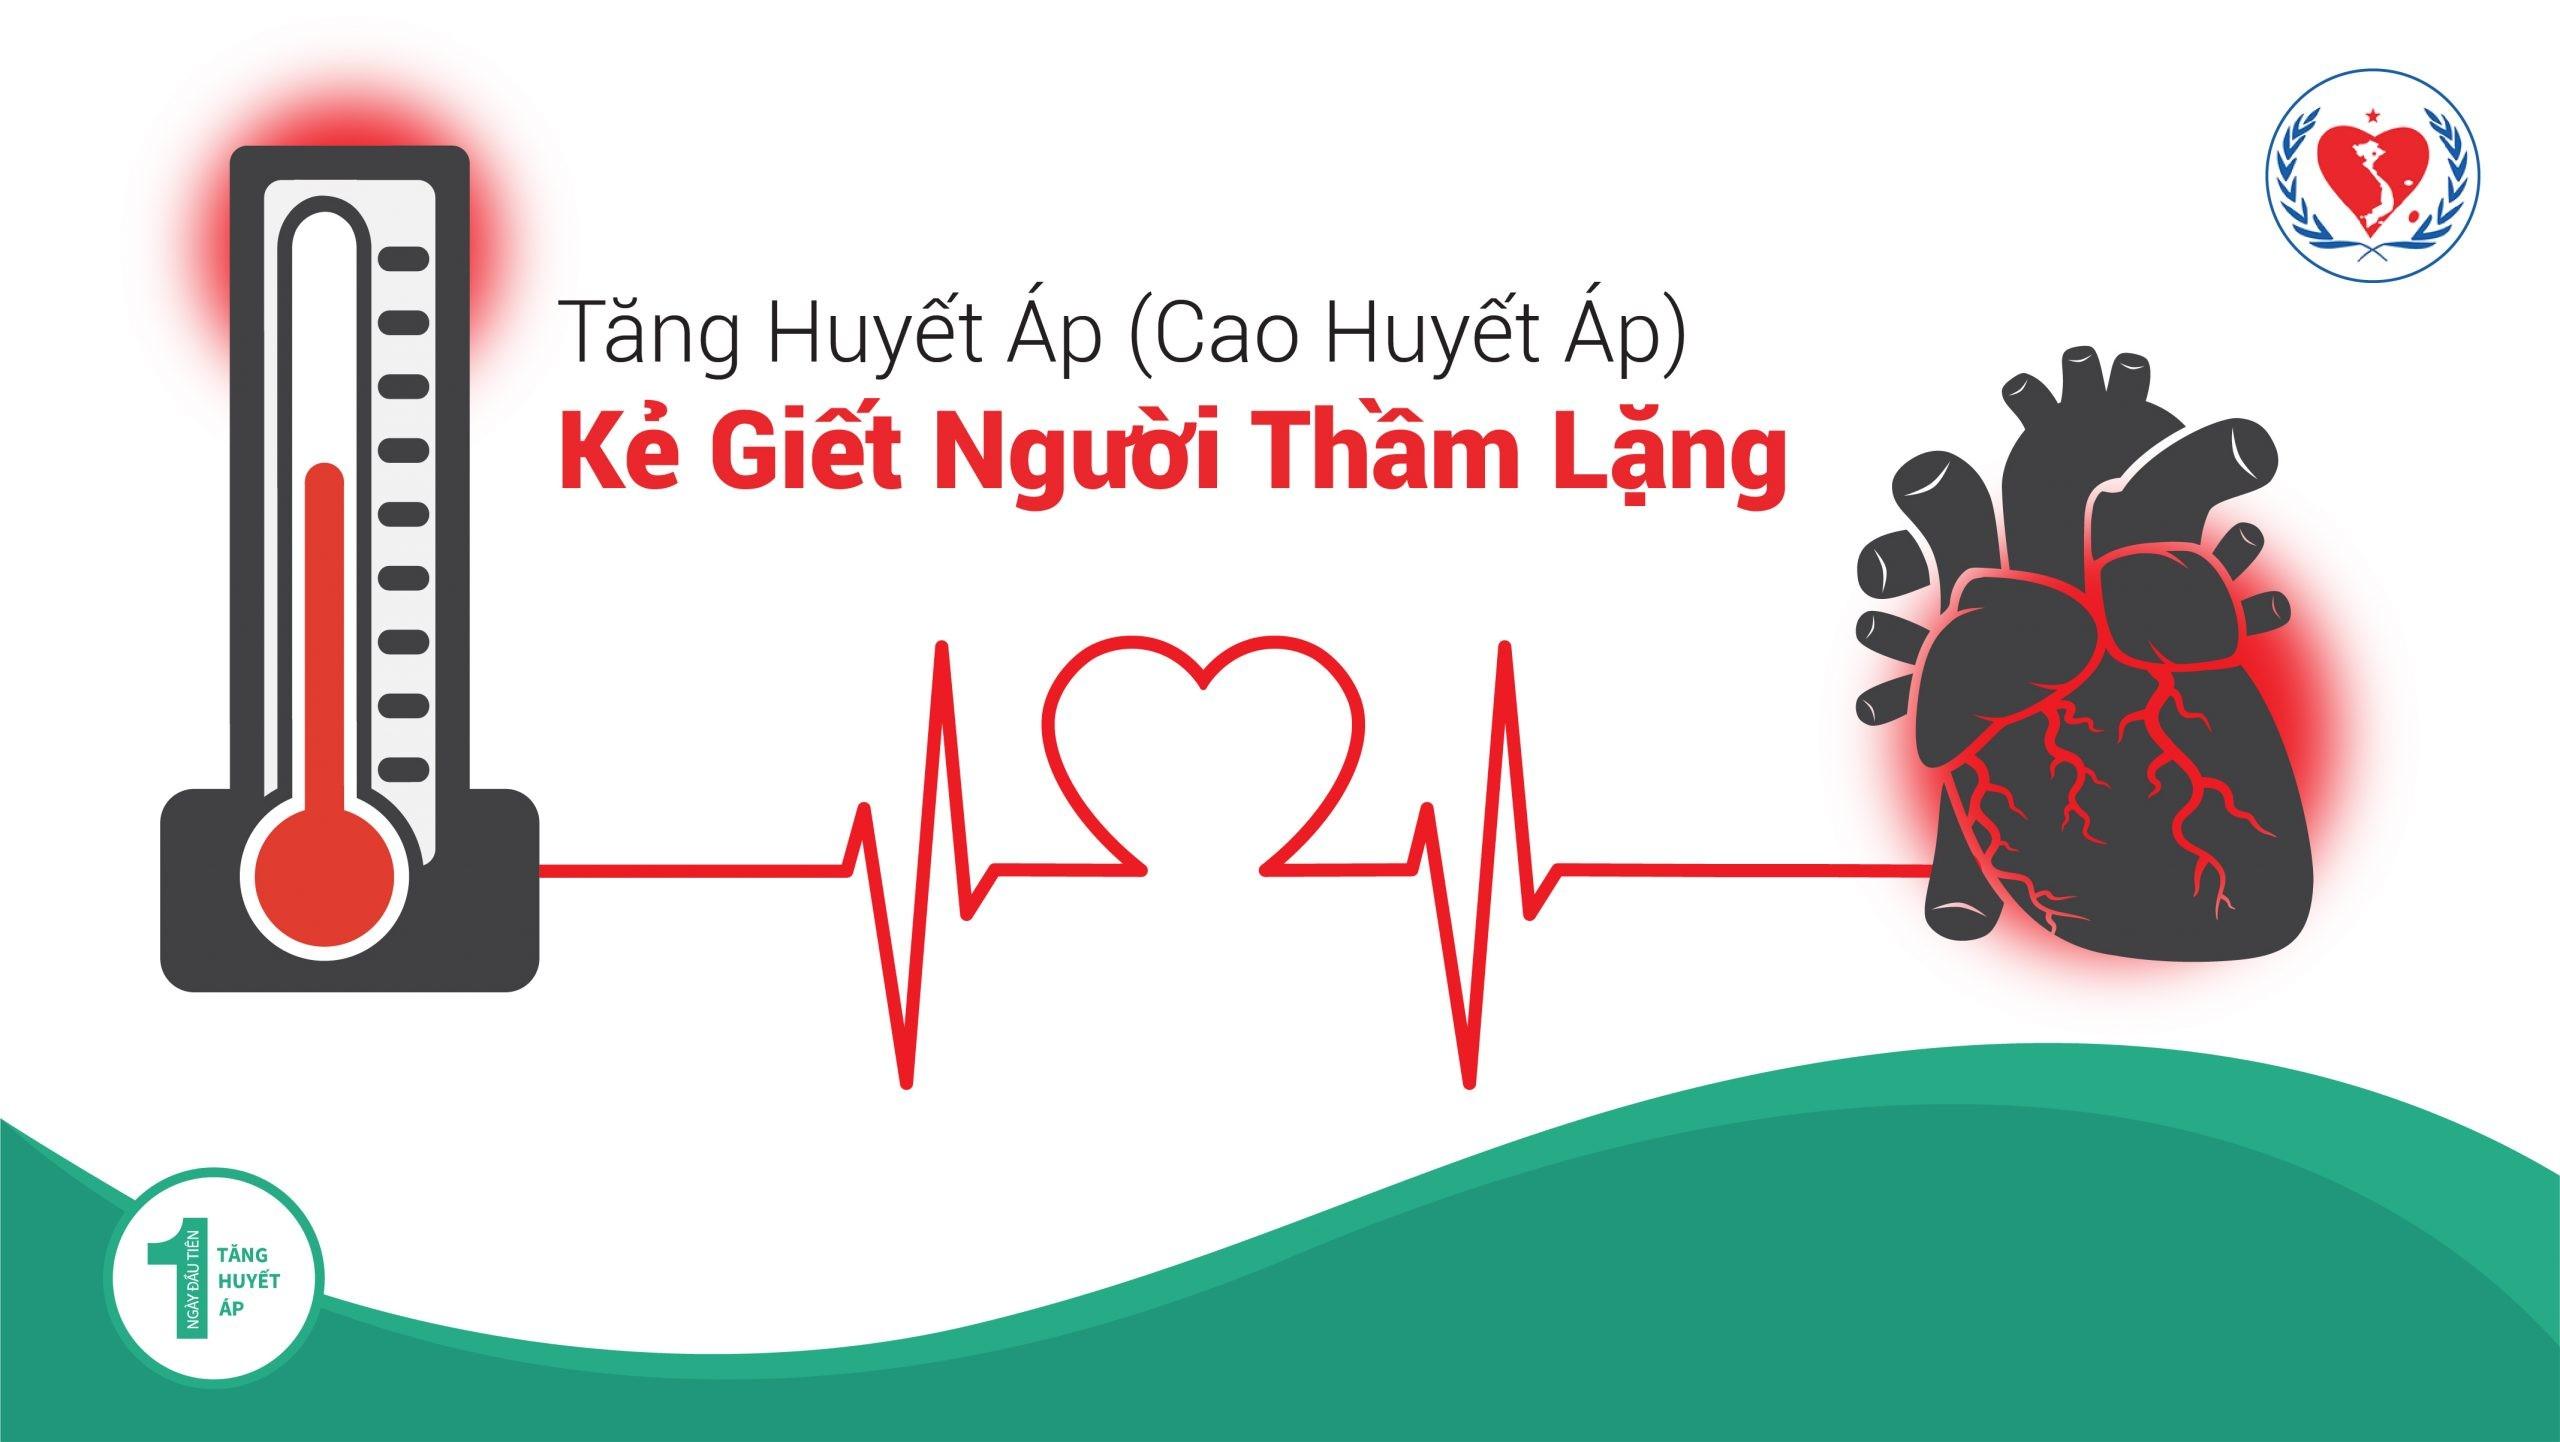 Ngăn ngừa biến chứng của tăng huyết áp, bảo vệ sức khỏe người dân